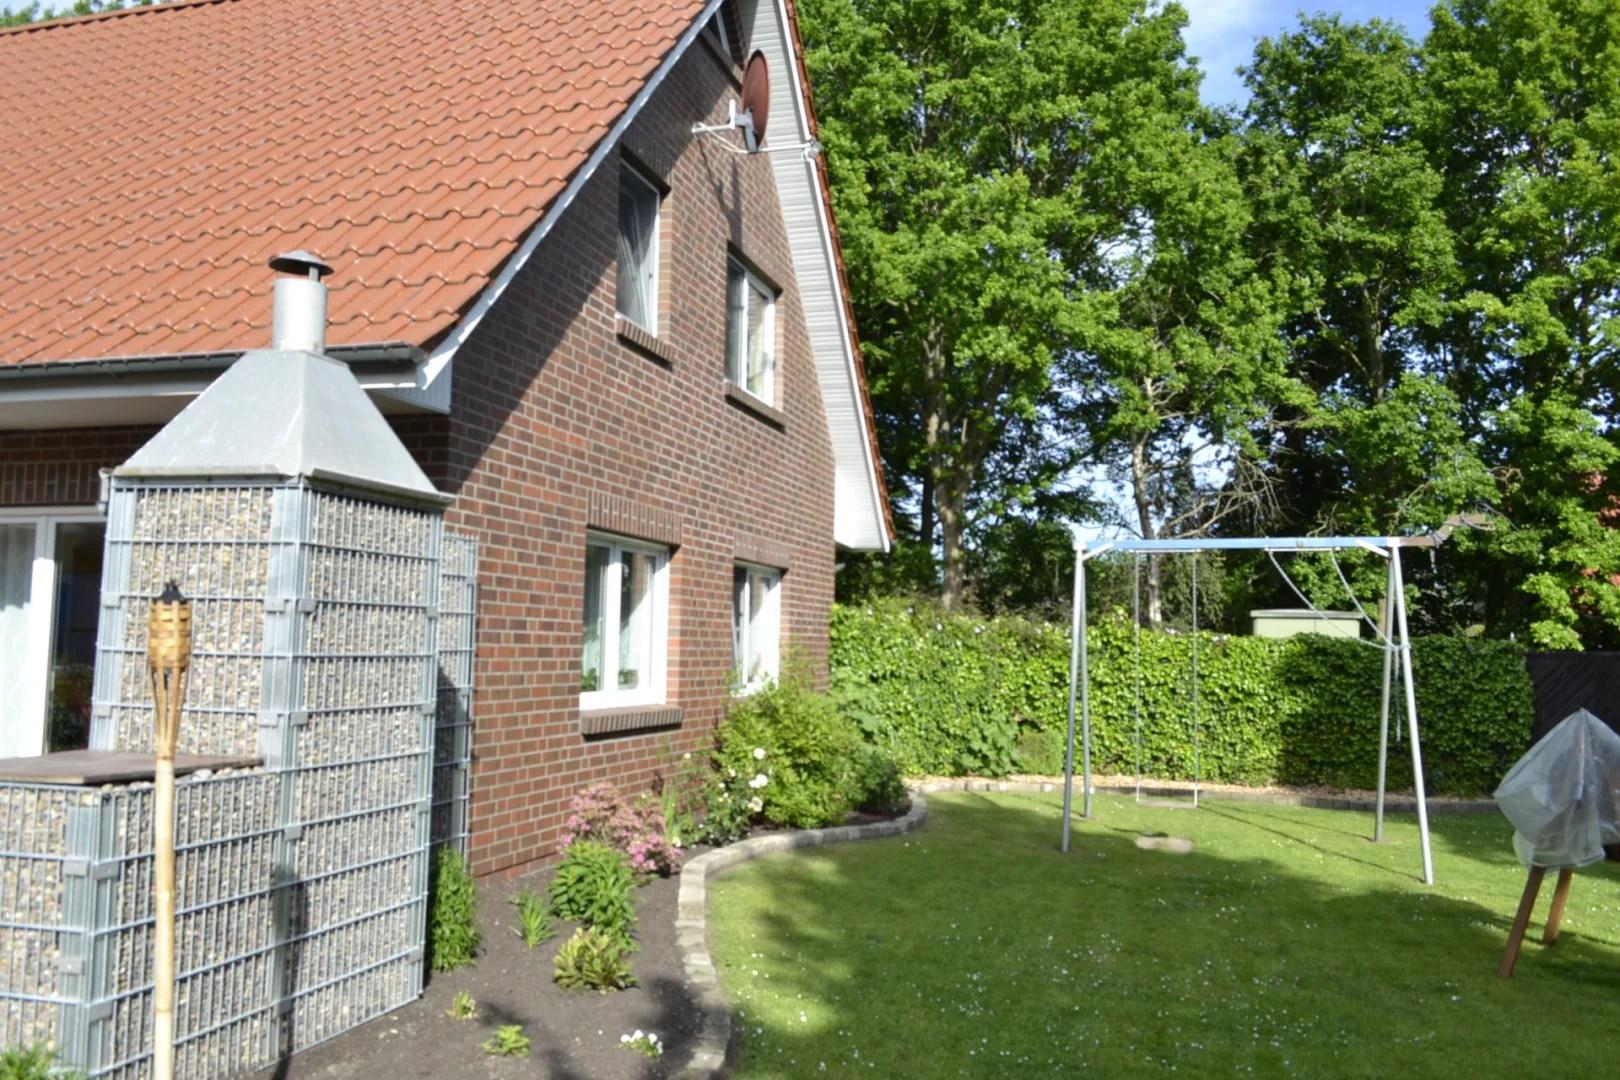 Erholungsgebiet Barßel, erstklassiges, neuwertiges Familiendomizil mit Carport und Garage I Exposé Nr.: 128/20